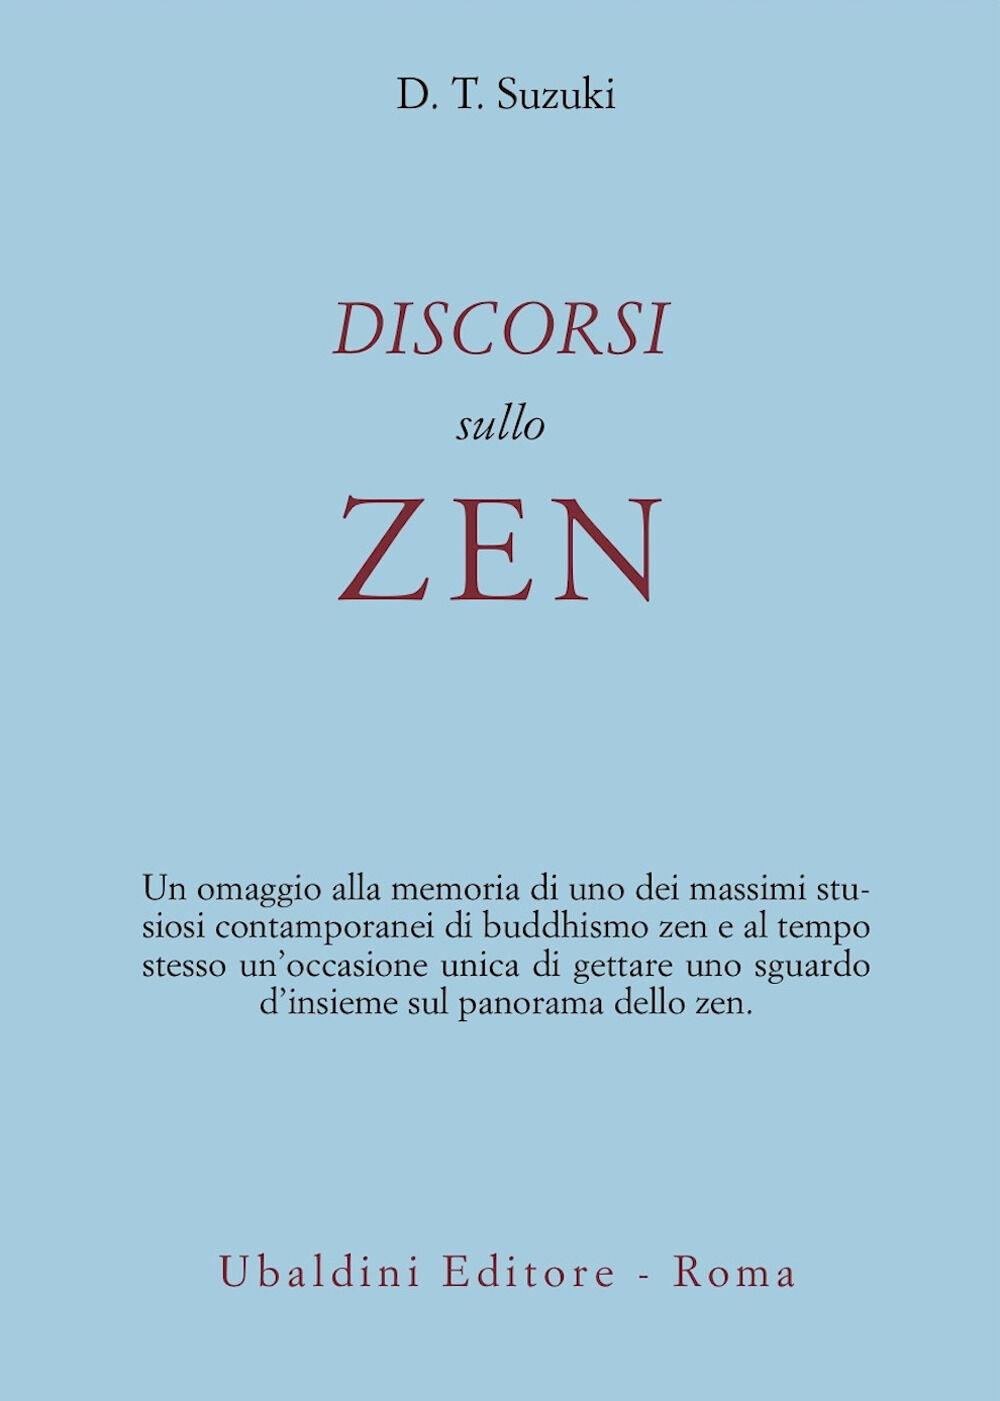 Discorsi sullo zen